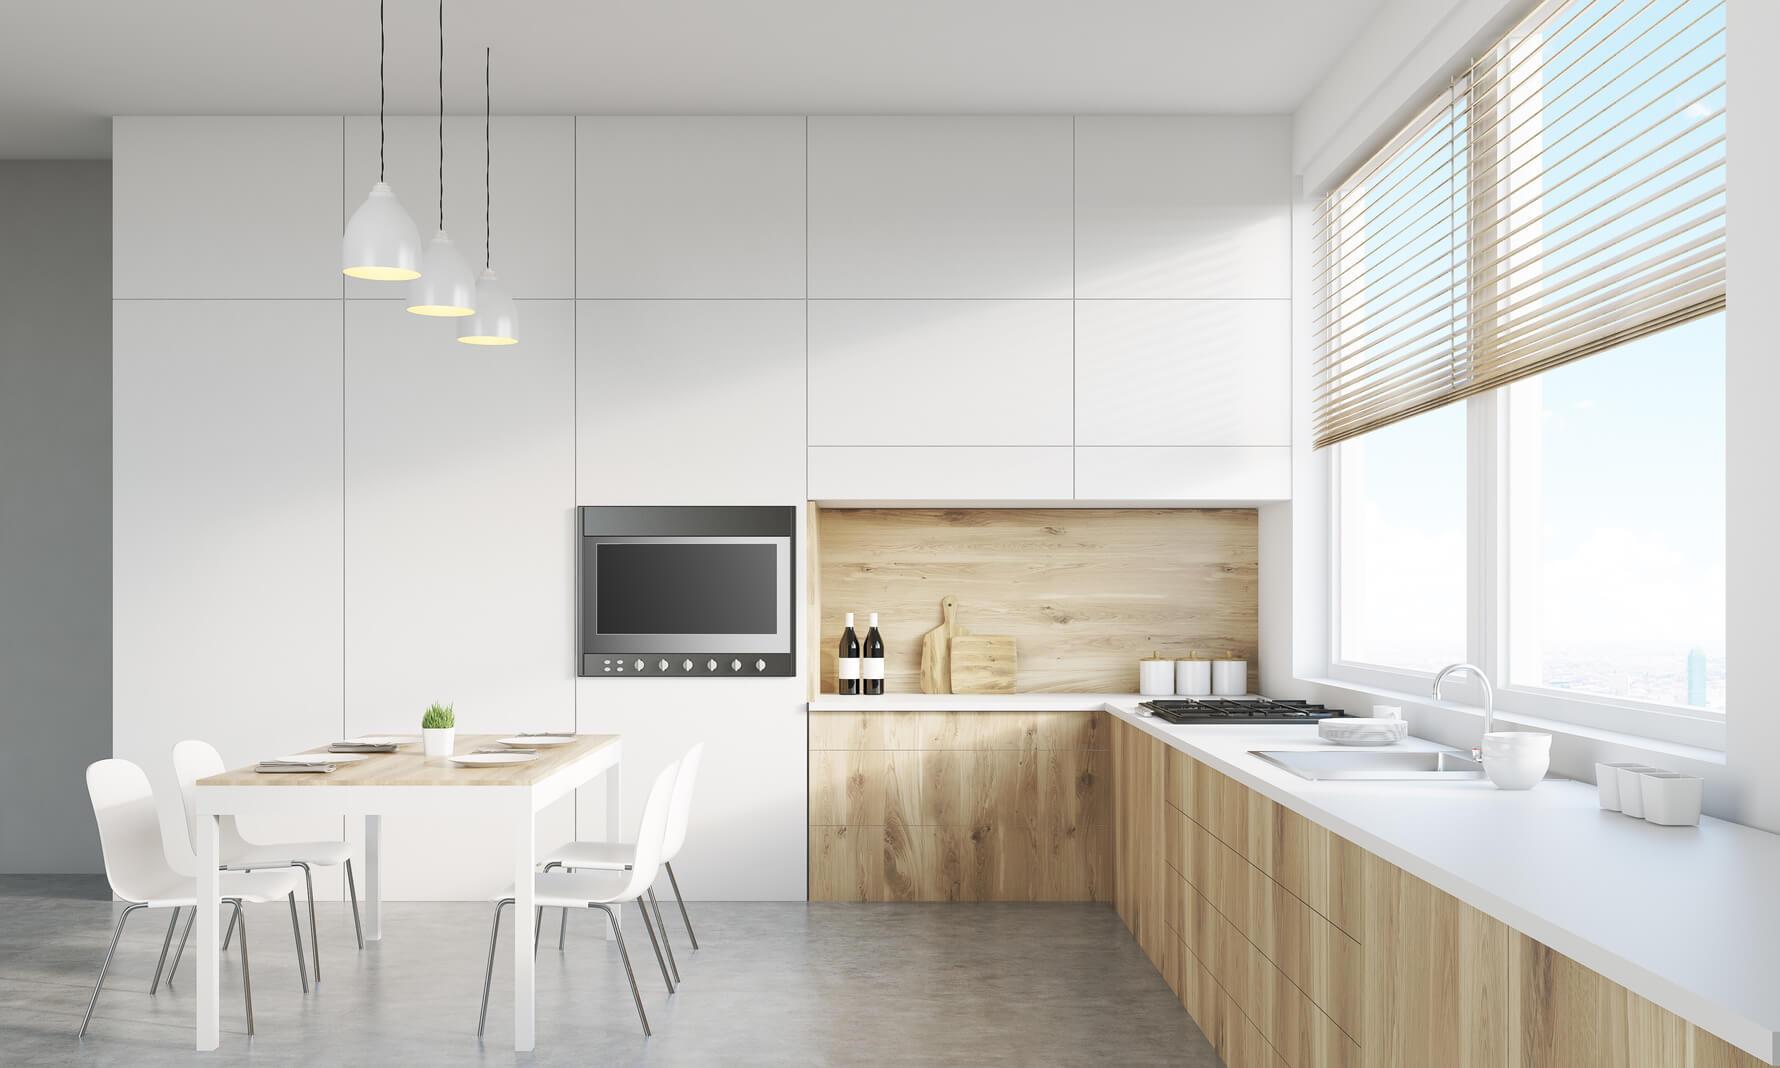 Cocina en esquina cocinas vitoria muebles de cocina for Muebles de esquina para cocina